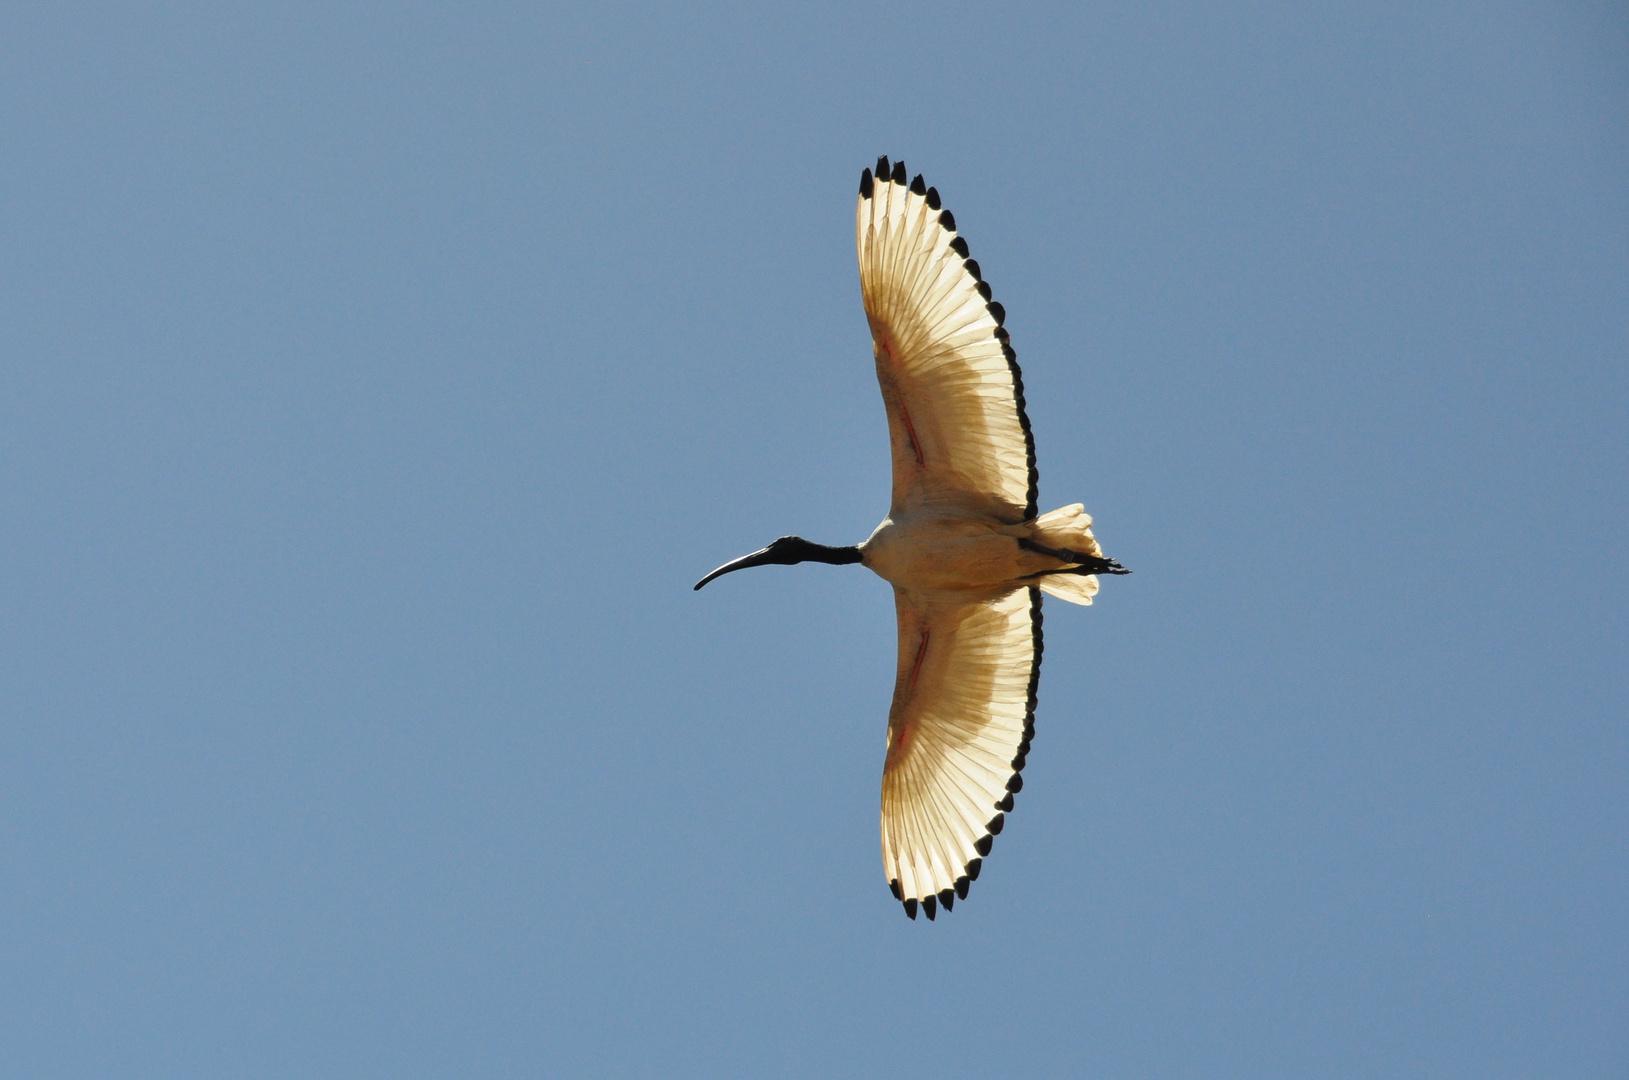 Ibis hoch am Himmel in der MIttagssonne